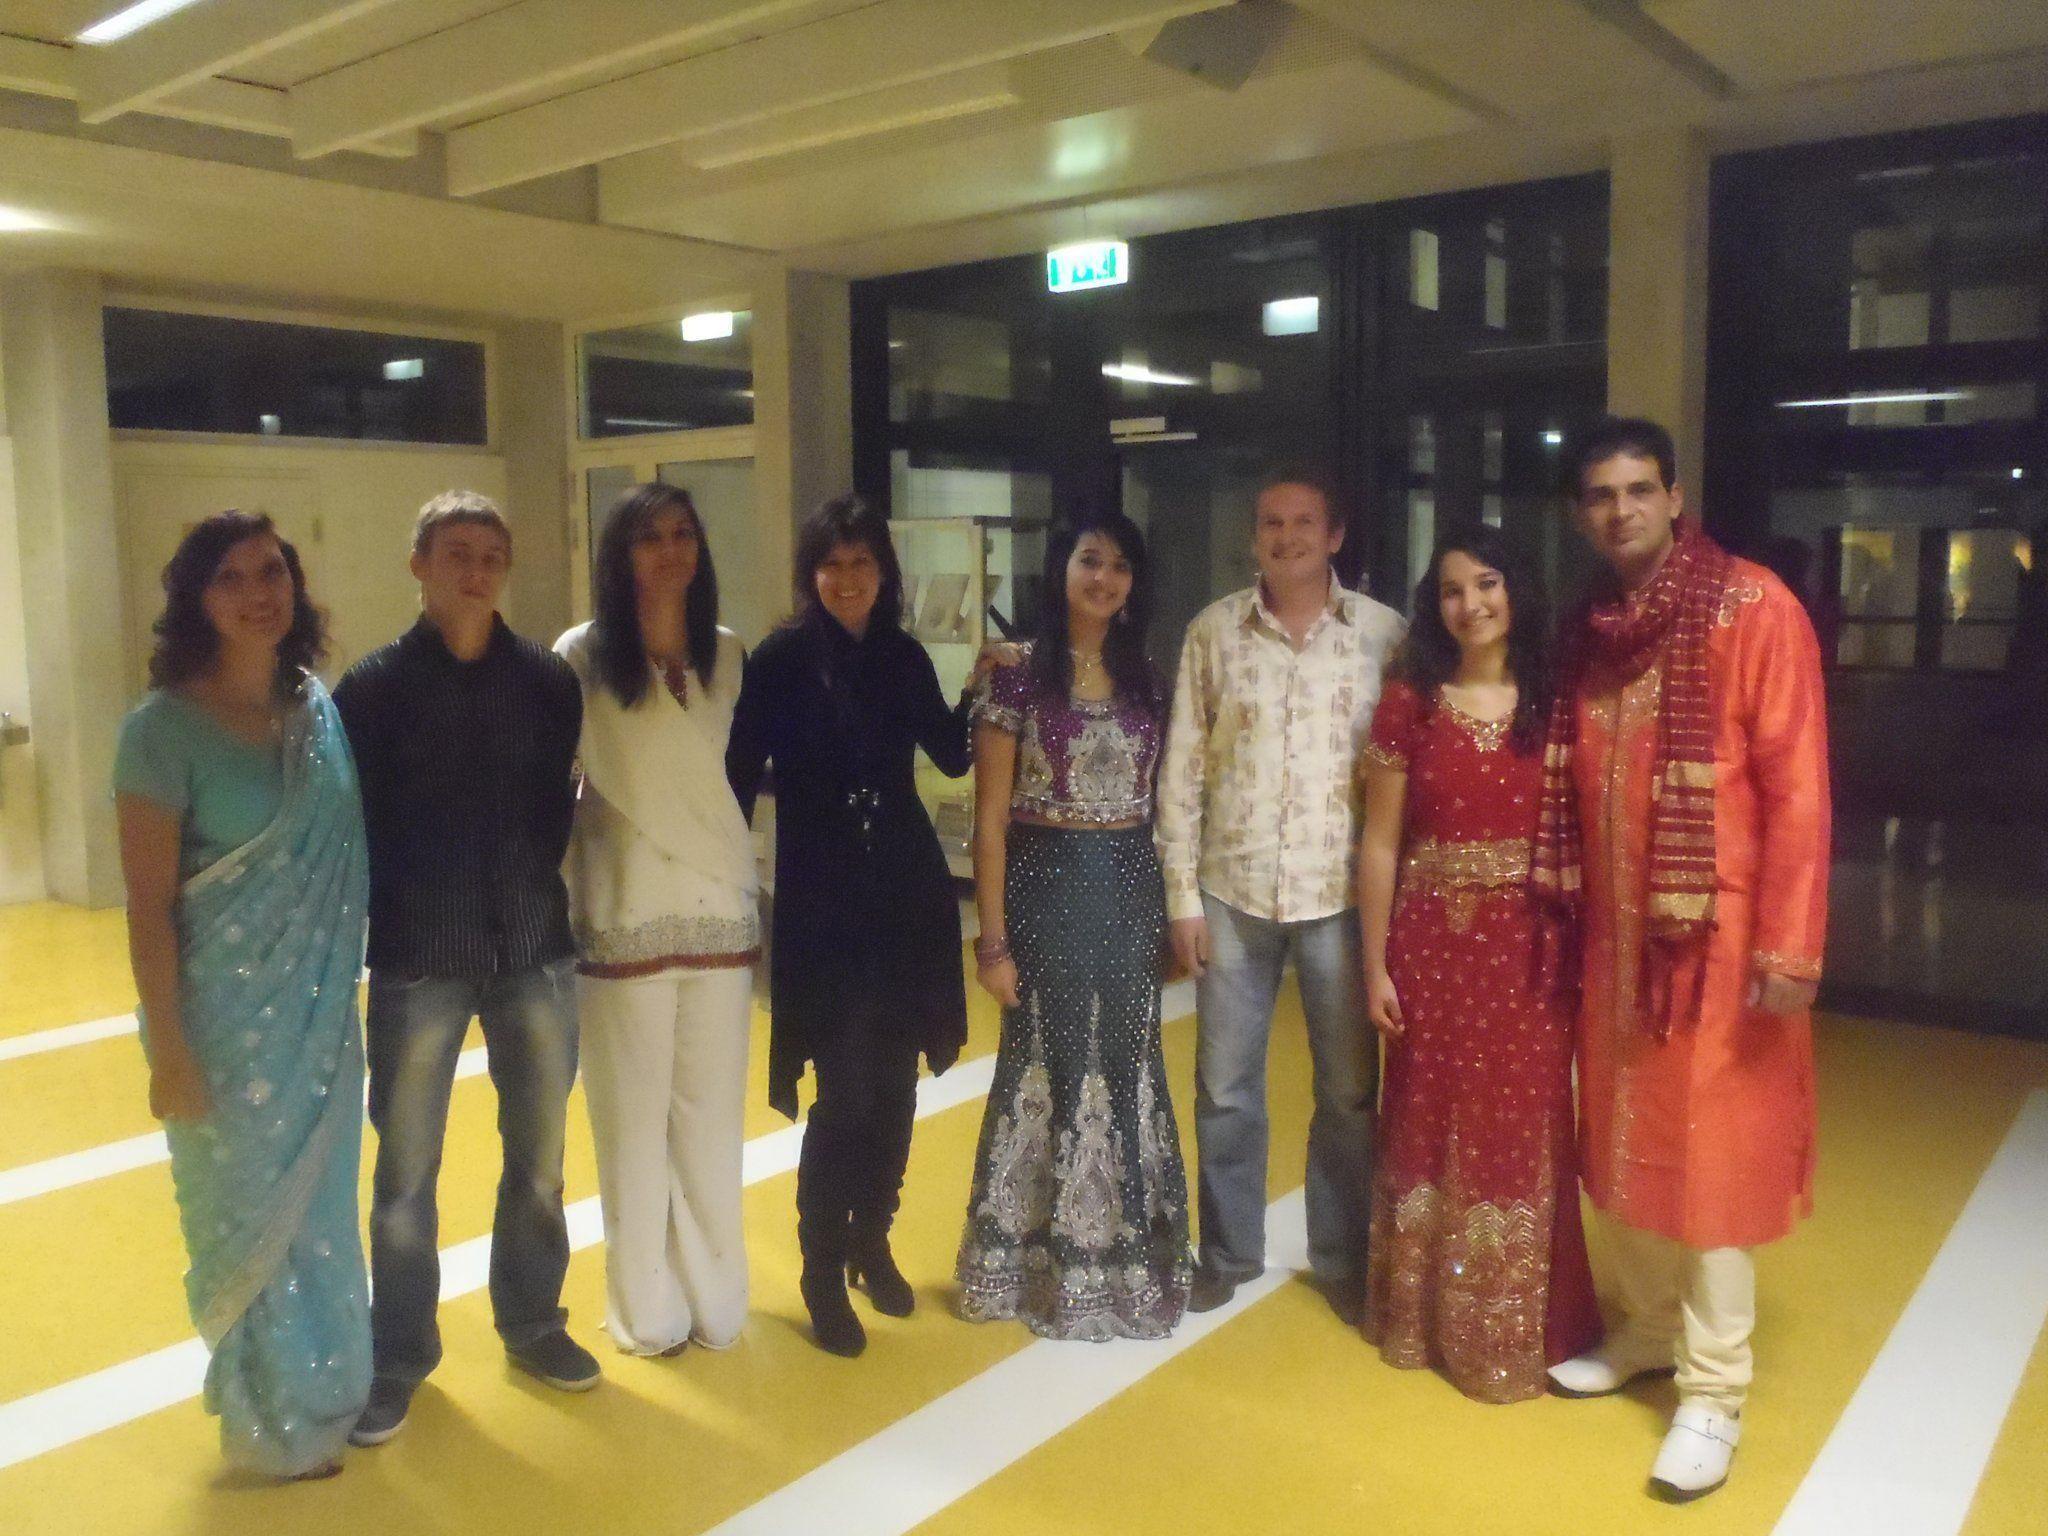 Marina Jasarevic (5. von links) und Familie